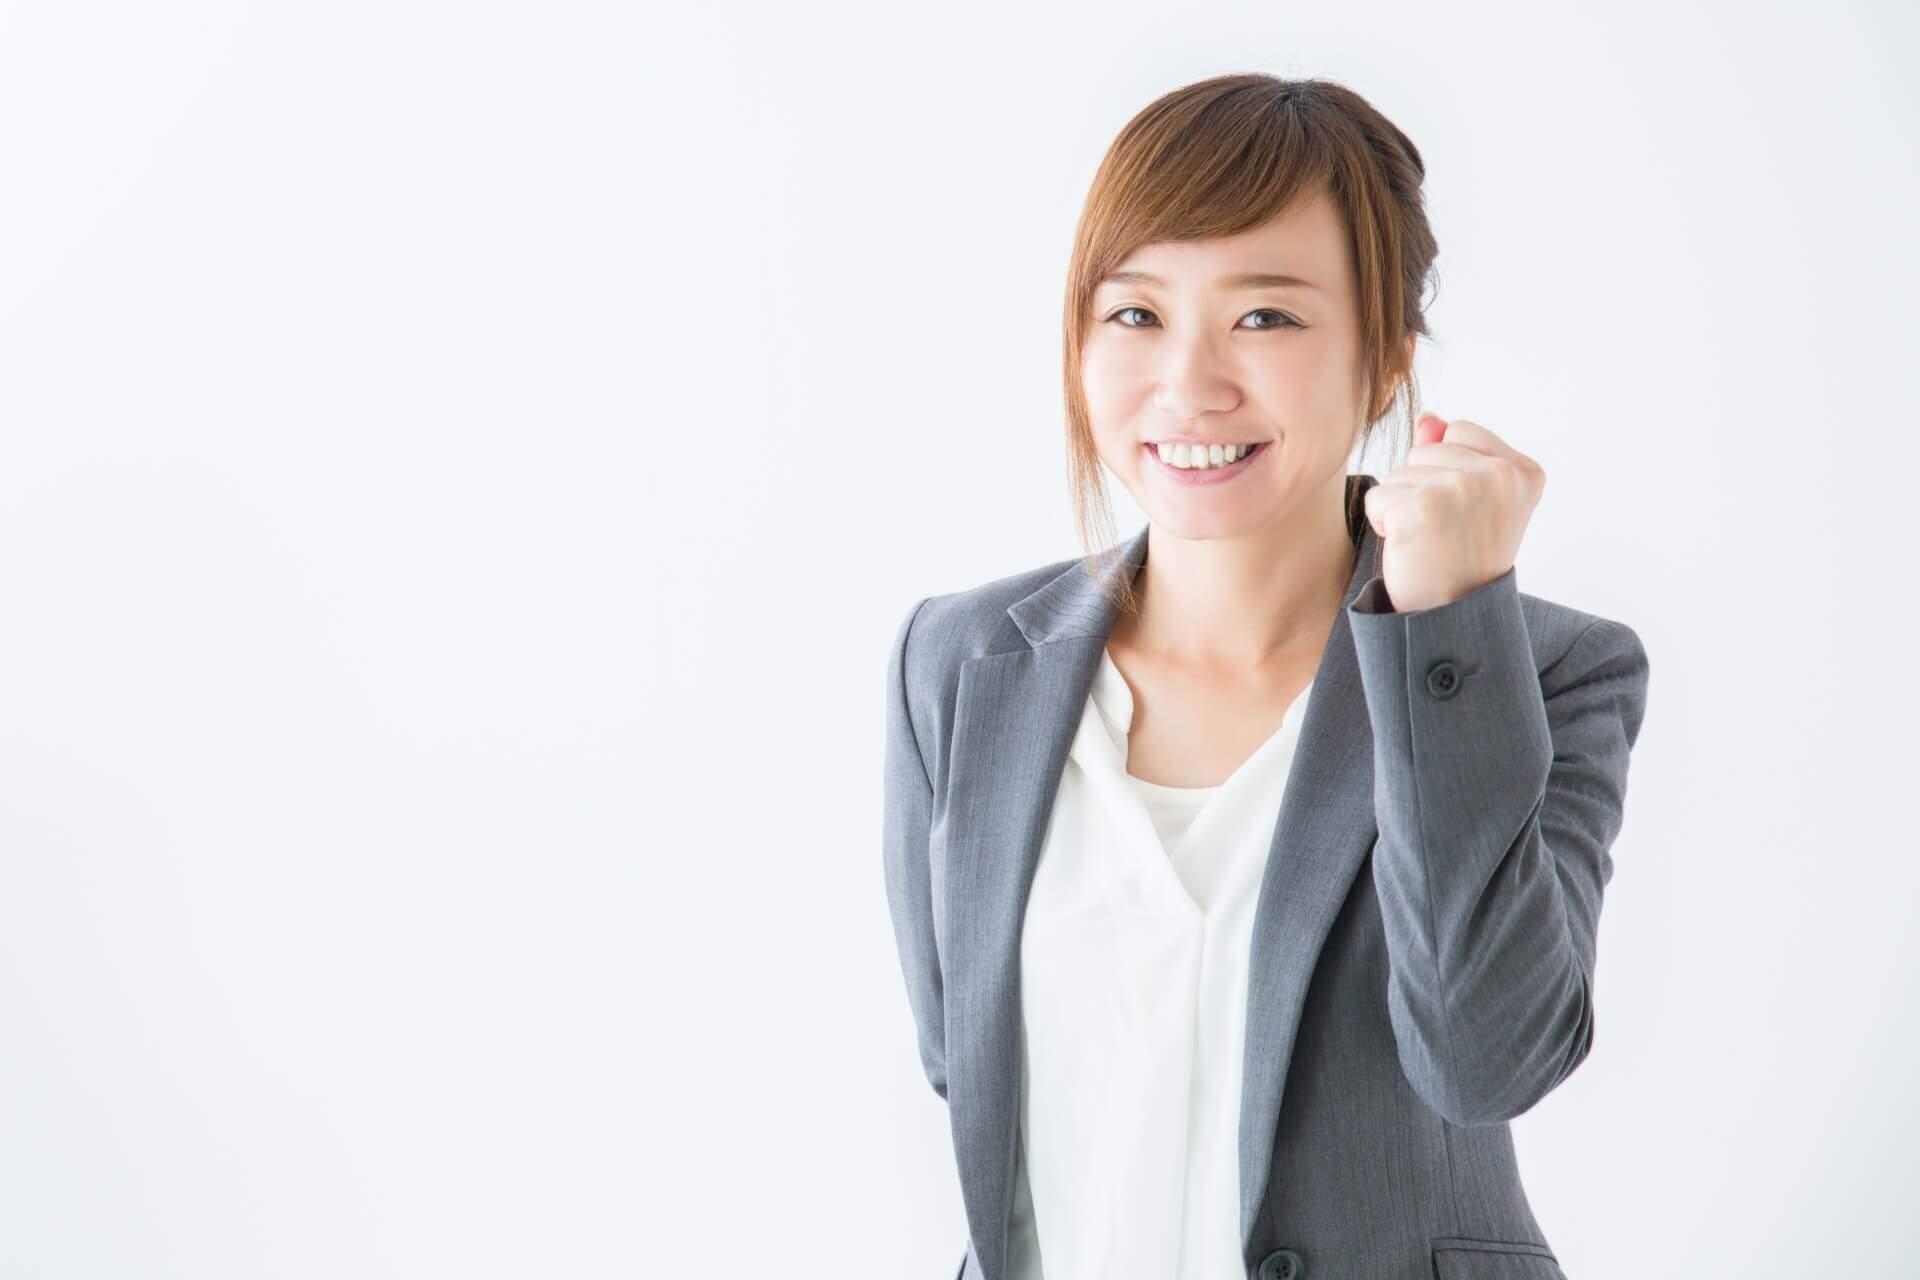 女性向けチラシ広告を女性へダイレクトにお届けする方法